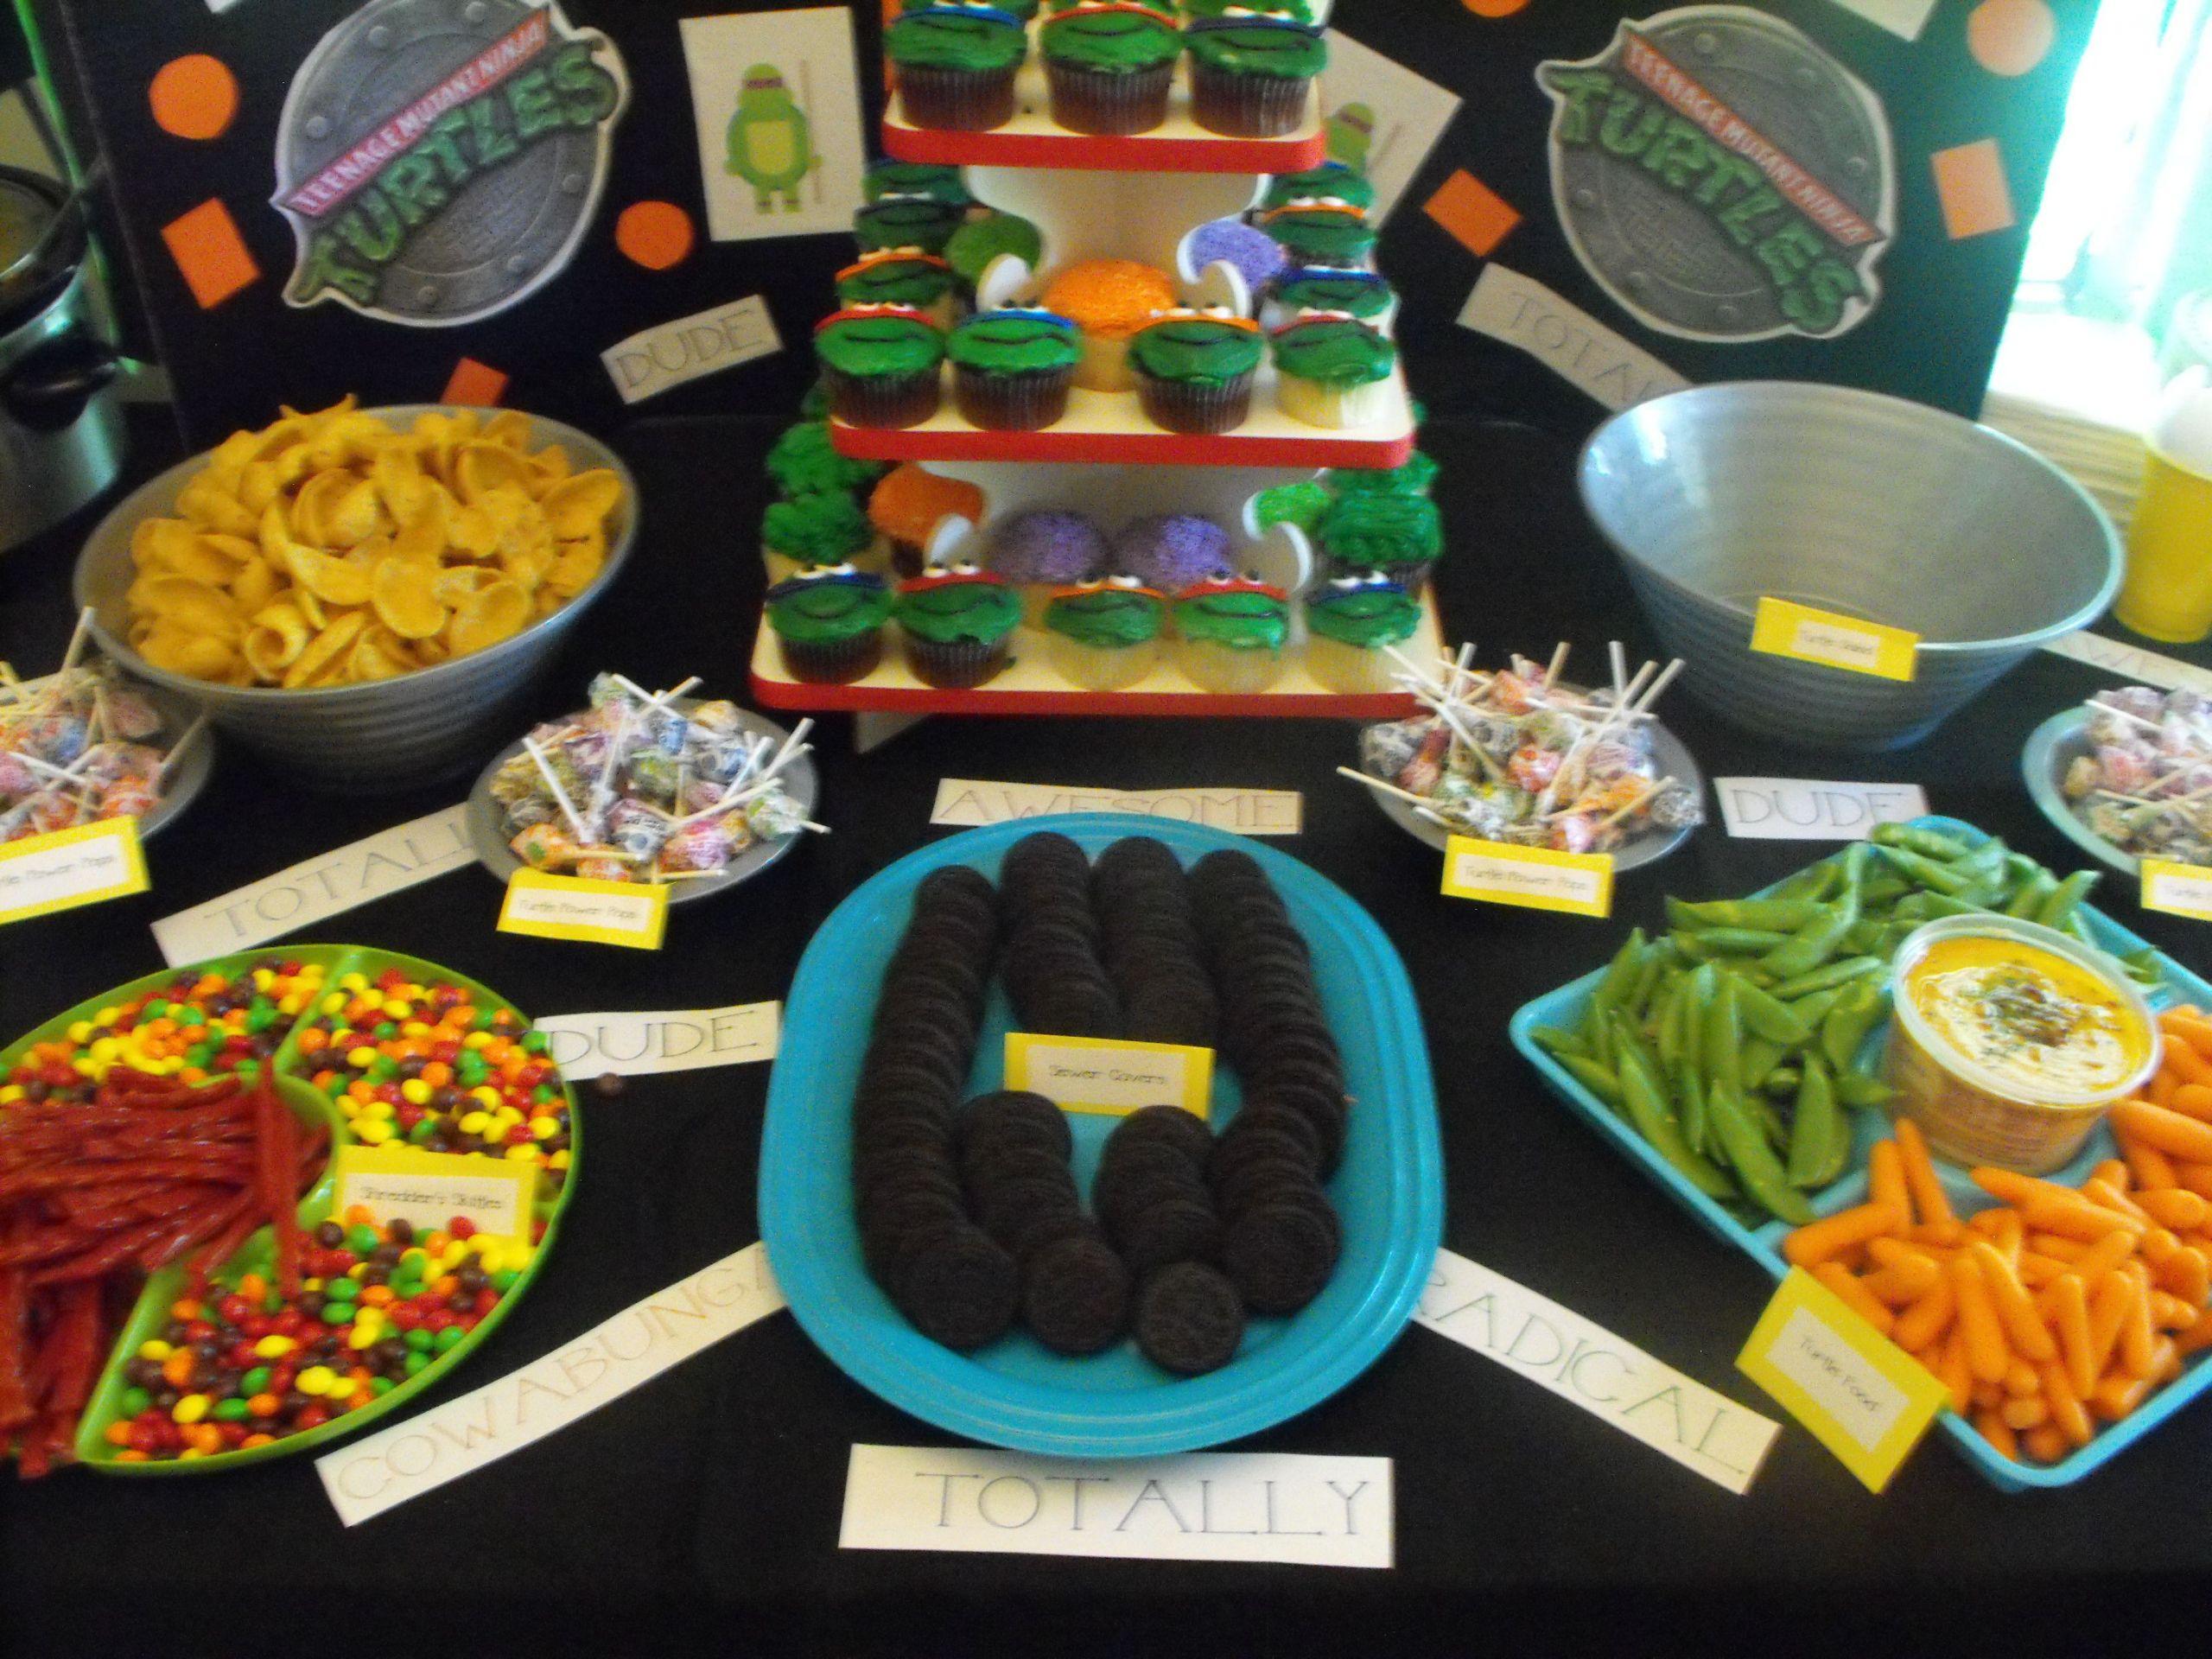 Ninja Turtle Birthday Party Food Ideas  Ninja Turtle Party Food